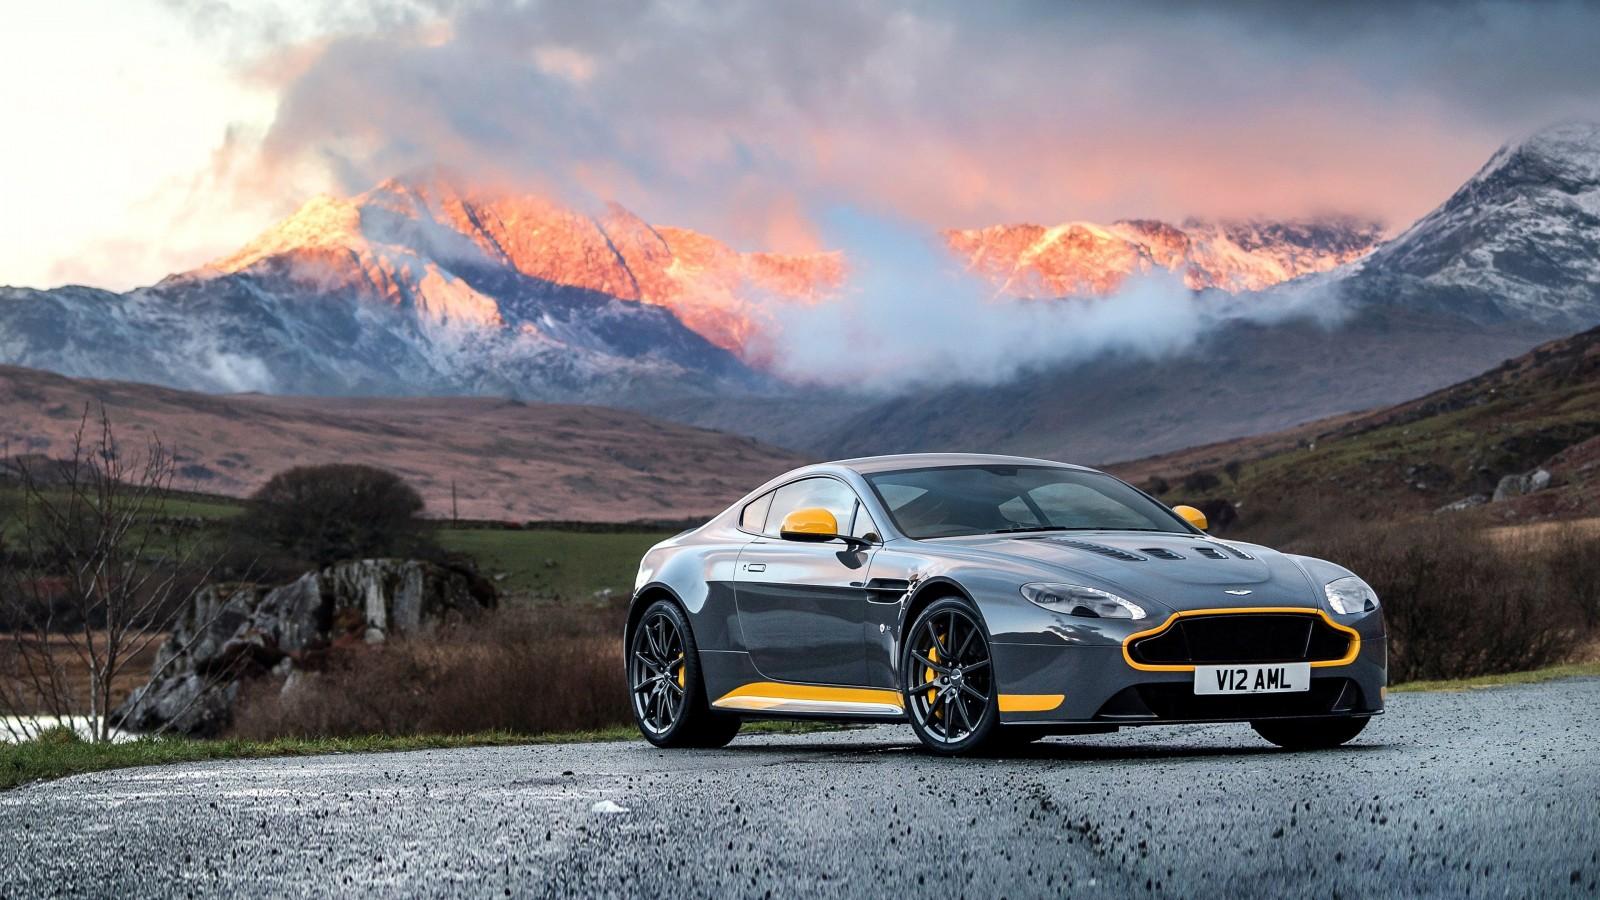 2017 Aston Martin Vantage GT8 Wallpaper